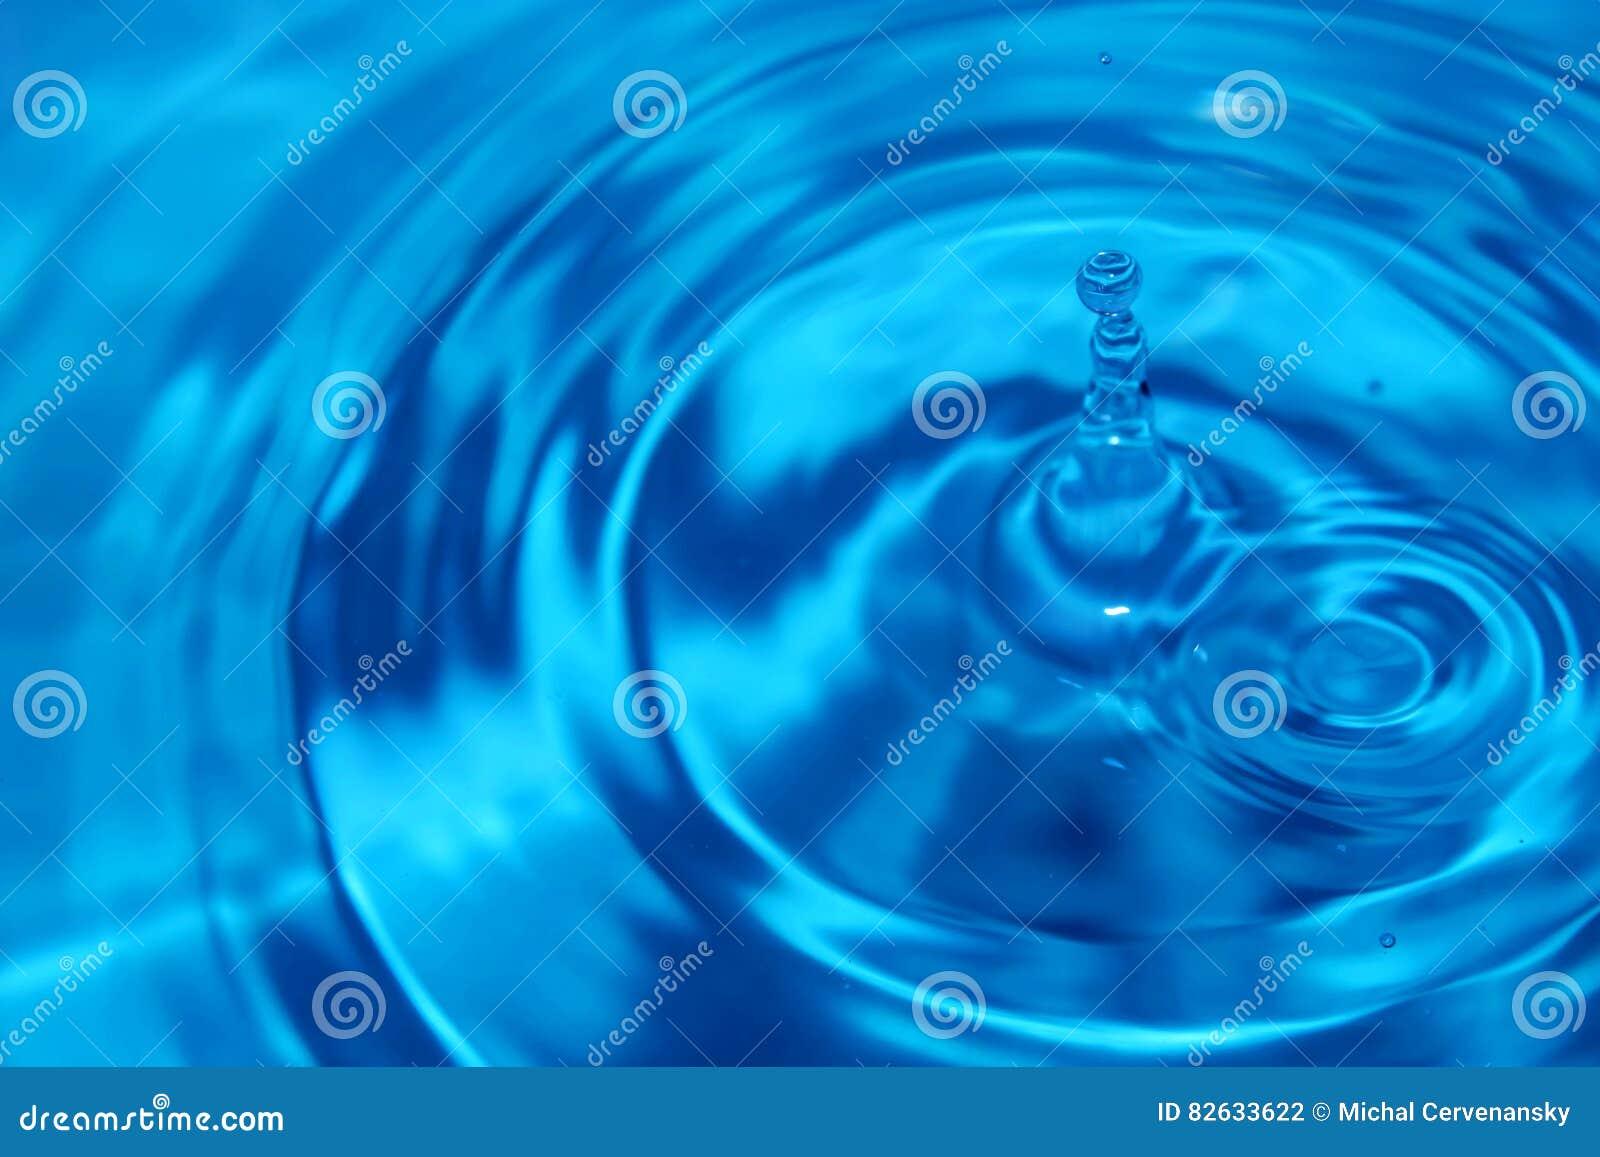 Tropfen des blauen Wassers mit Wellen auf der Oberfläche zweitens